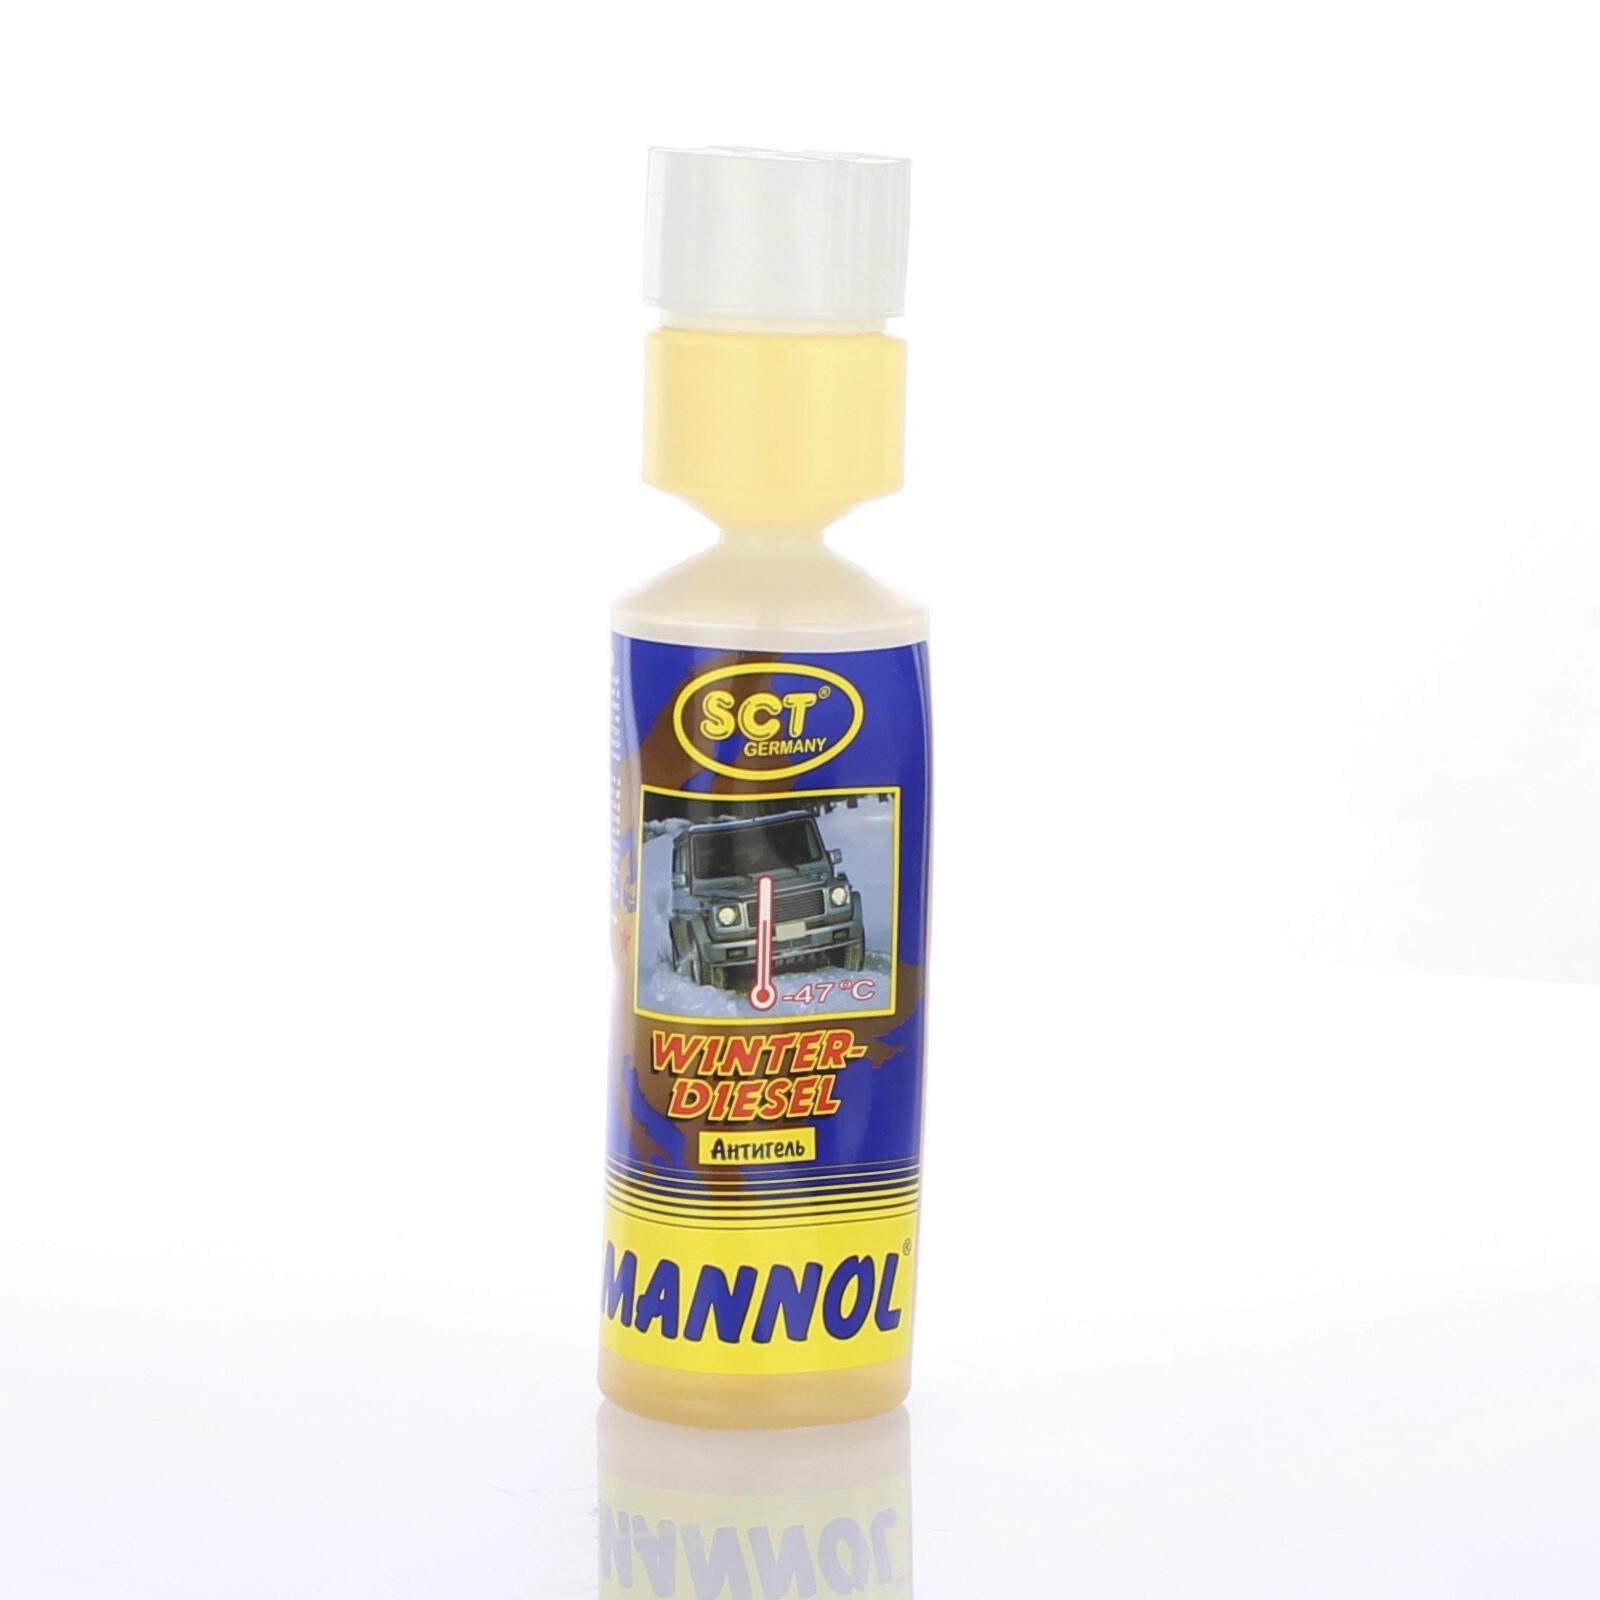 MANNOL WINTERDIESEL Fließverbesserer 250 ml Dieseladditive Stockpunkt senkend